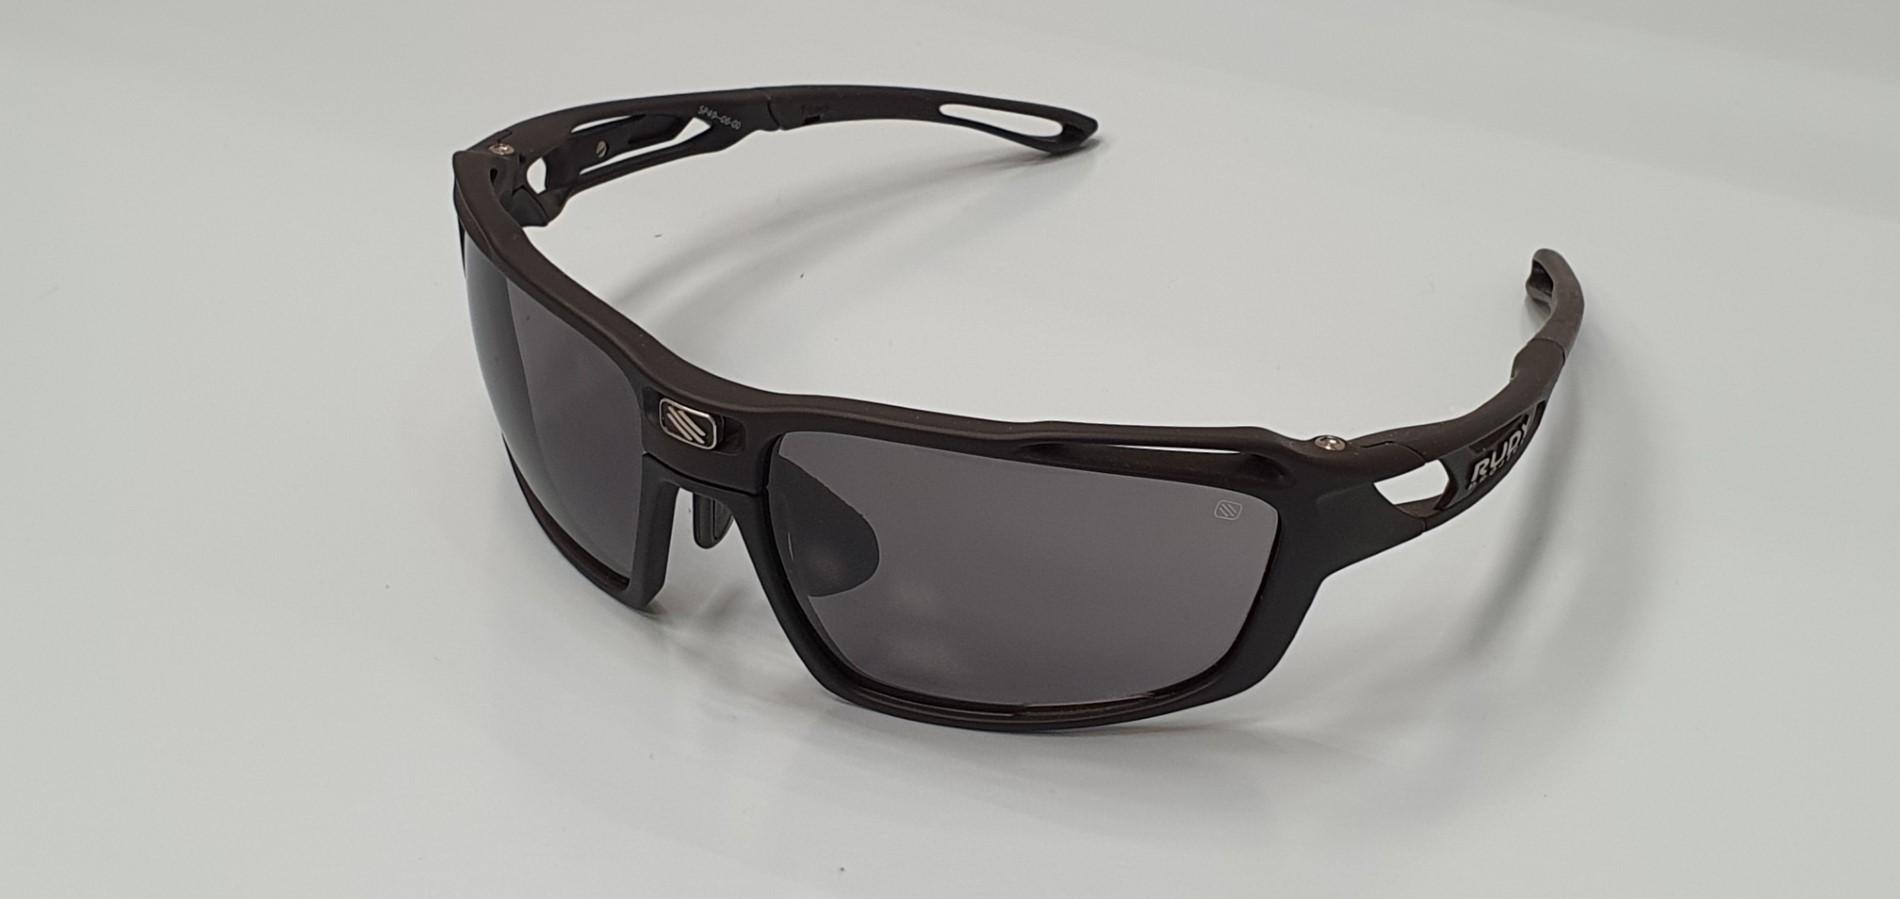 najlepsze okulary do biegania katowice śląsk